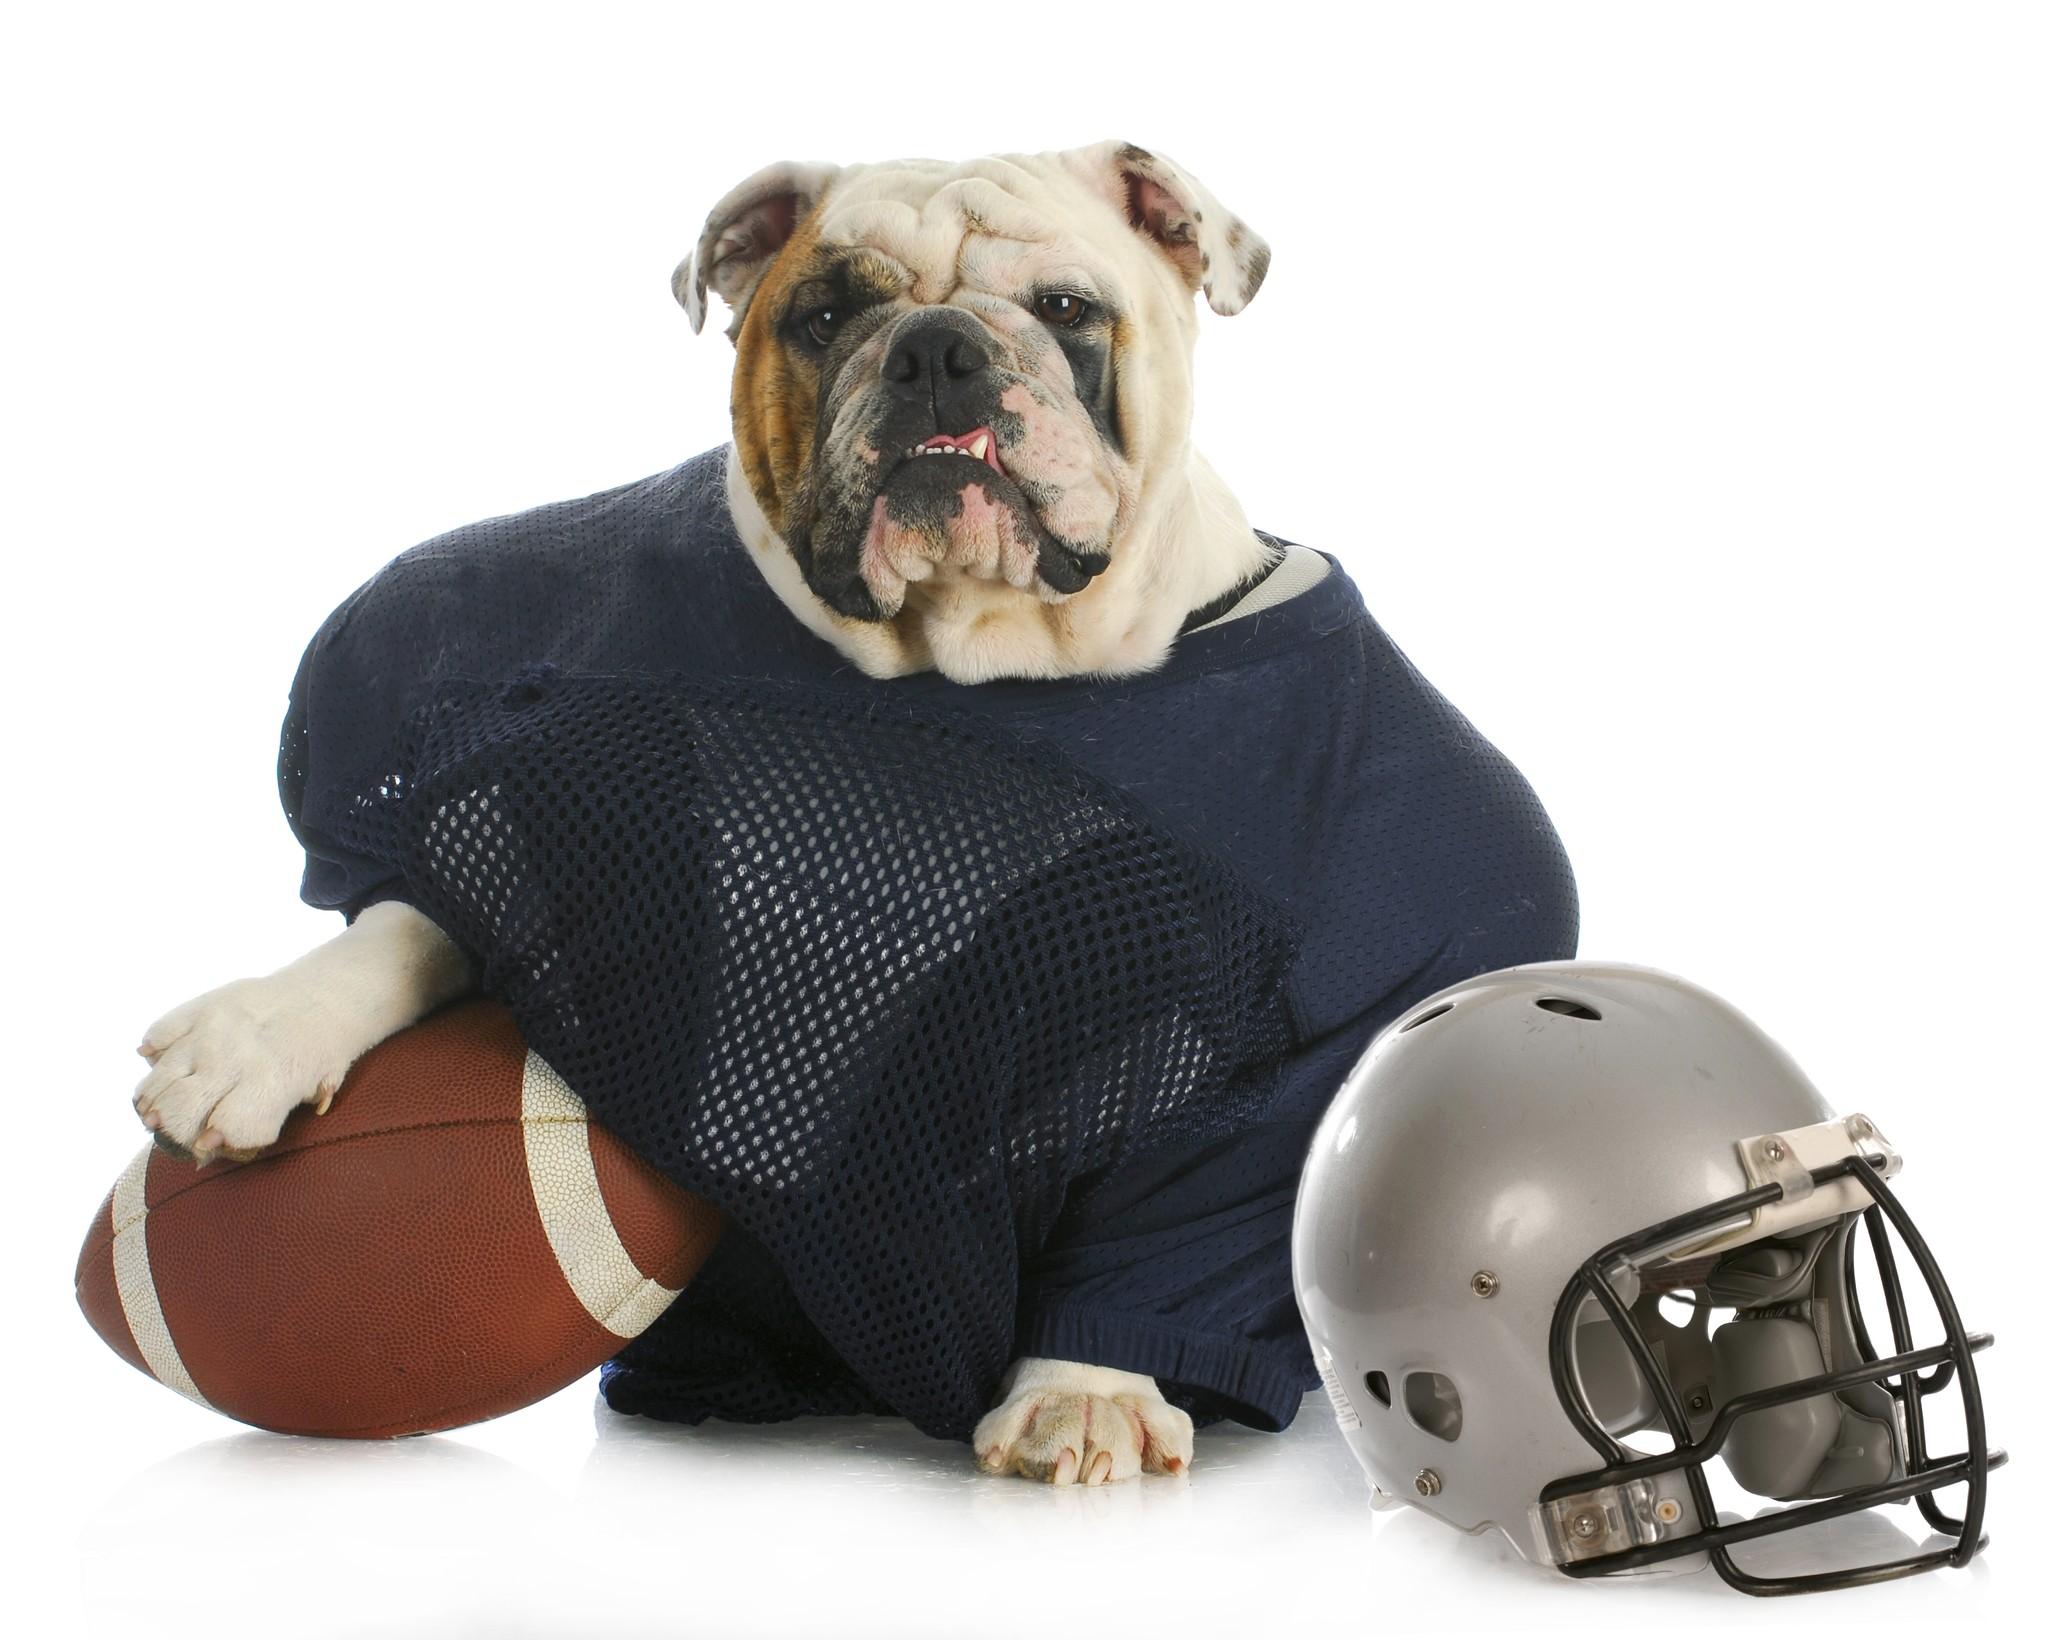 A Puppy Bowl Participant